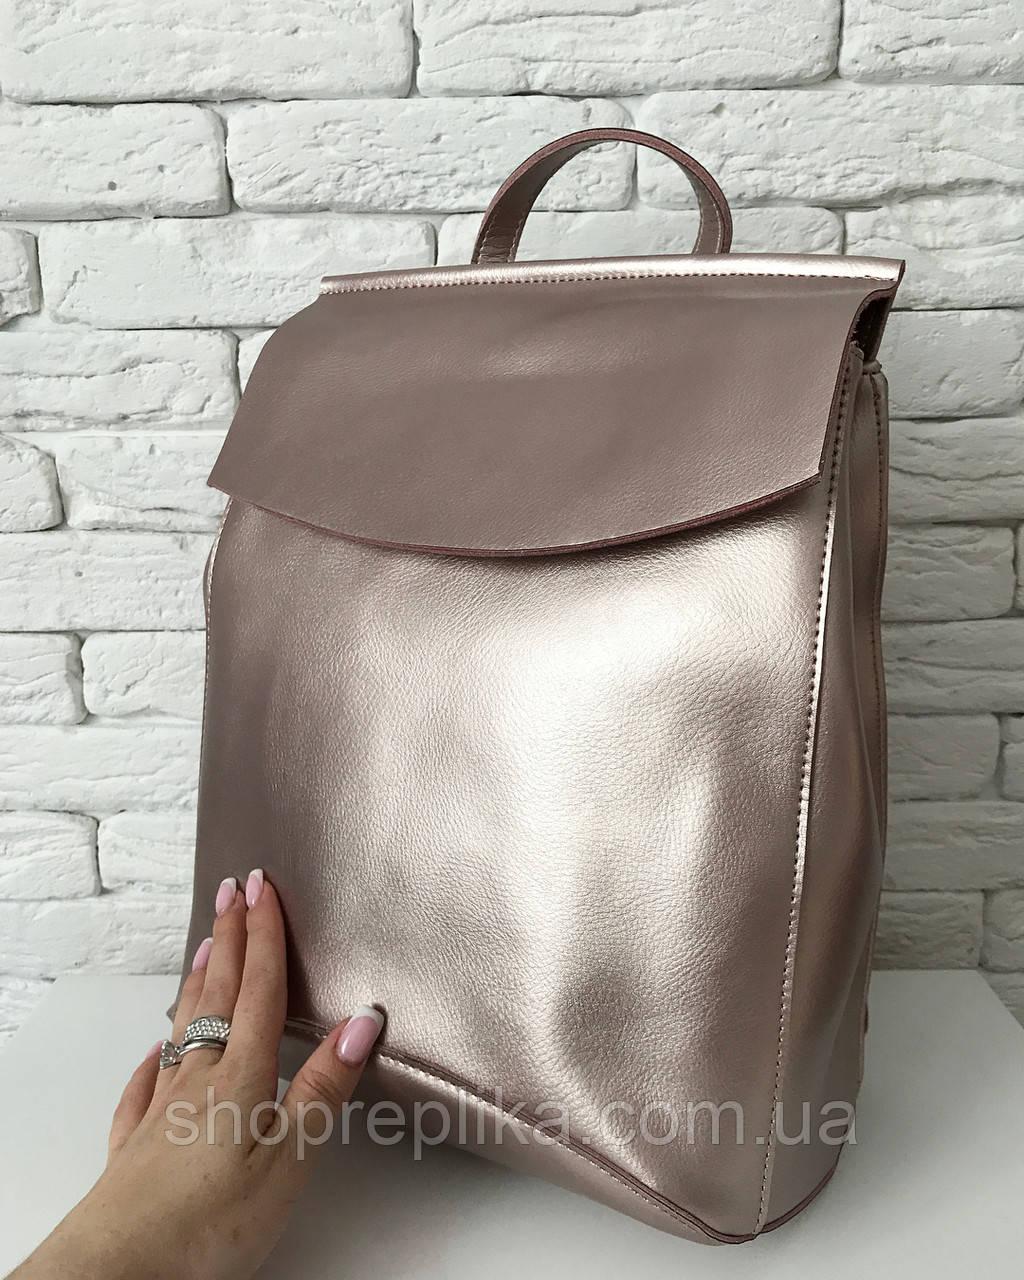 Сумка рюкзак трансформер , рюкзак кожа пудра , фото 1